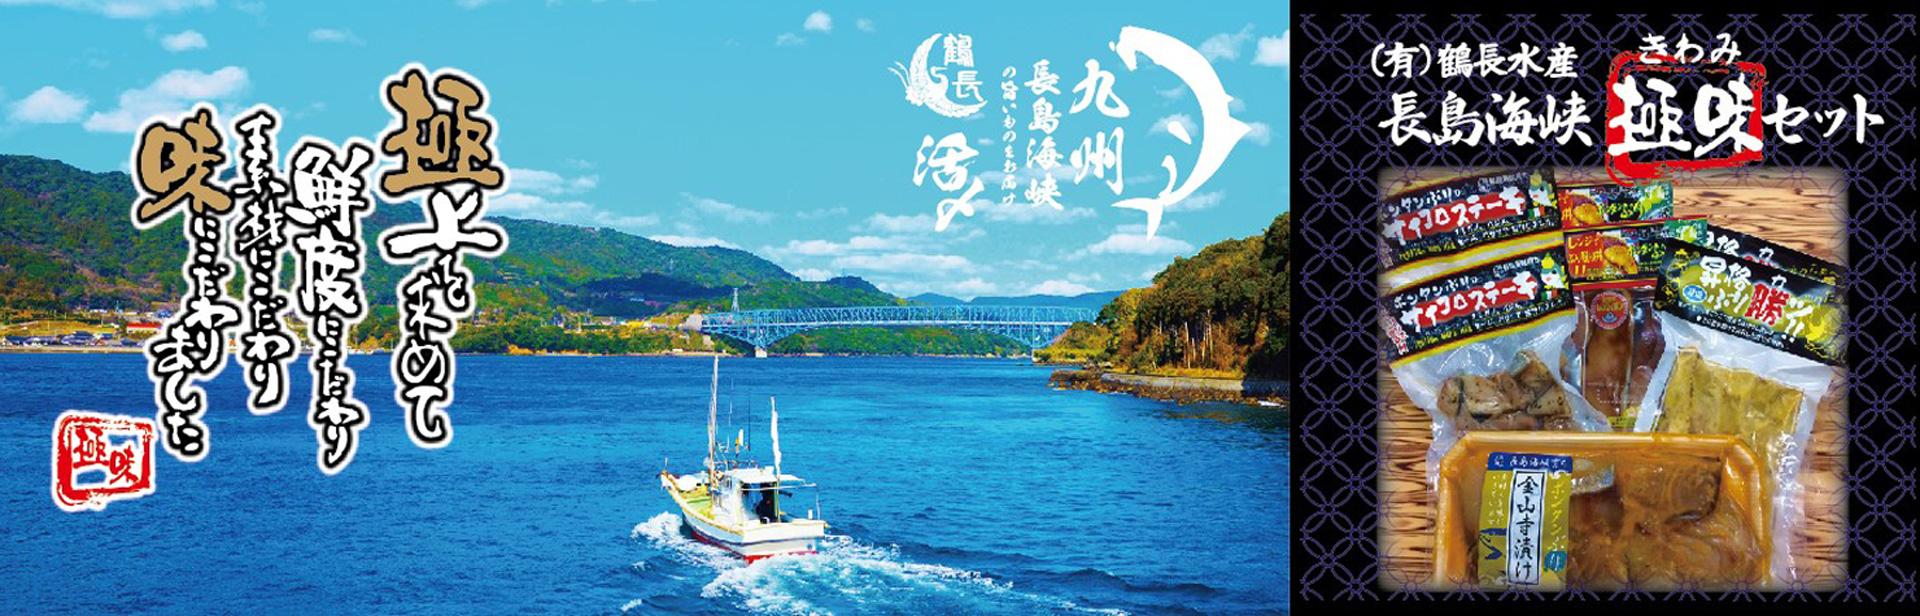 長島海峡 極味セット